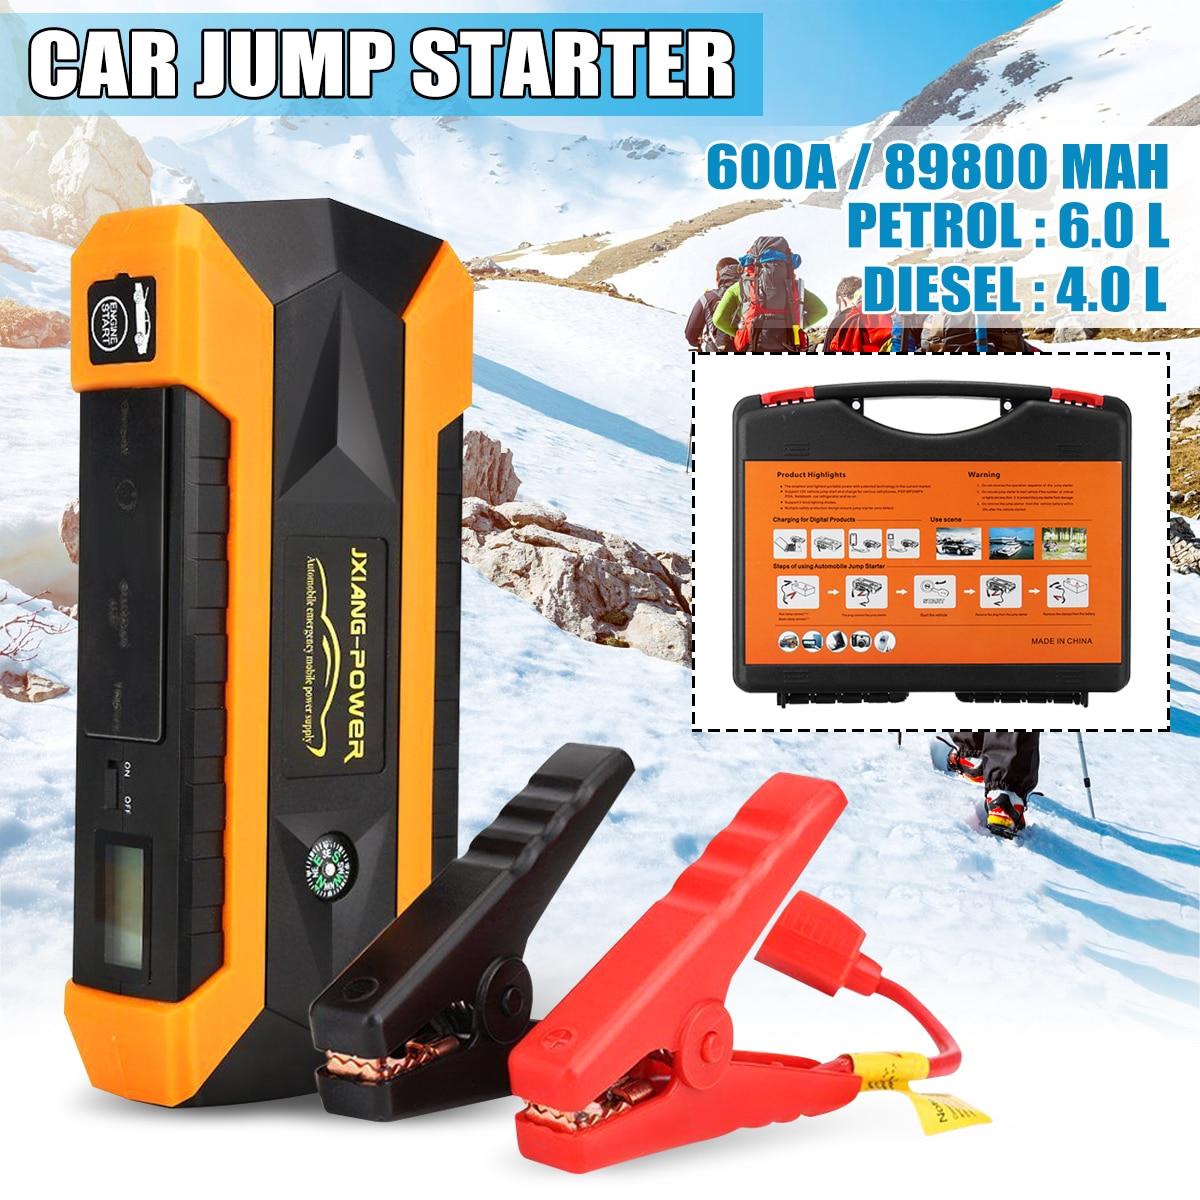 1 89800 mAh 12 V 4USB cargador de batería de coche que del coche salto de arranque de energía Banco Kit de herramientas para auto dispositivo de arranque